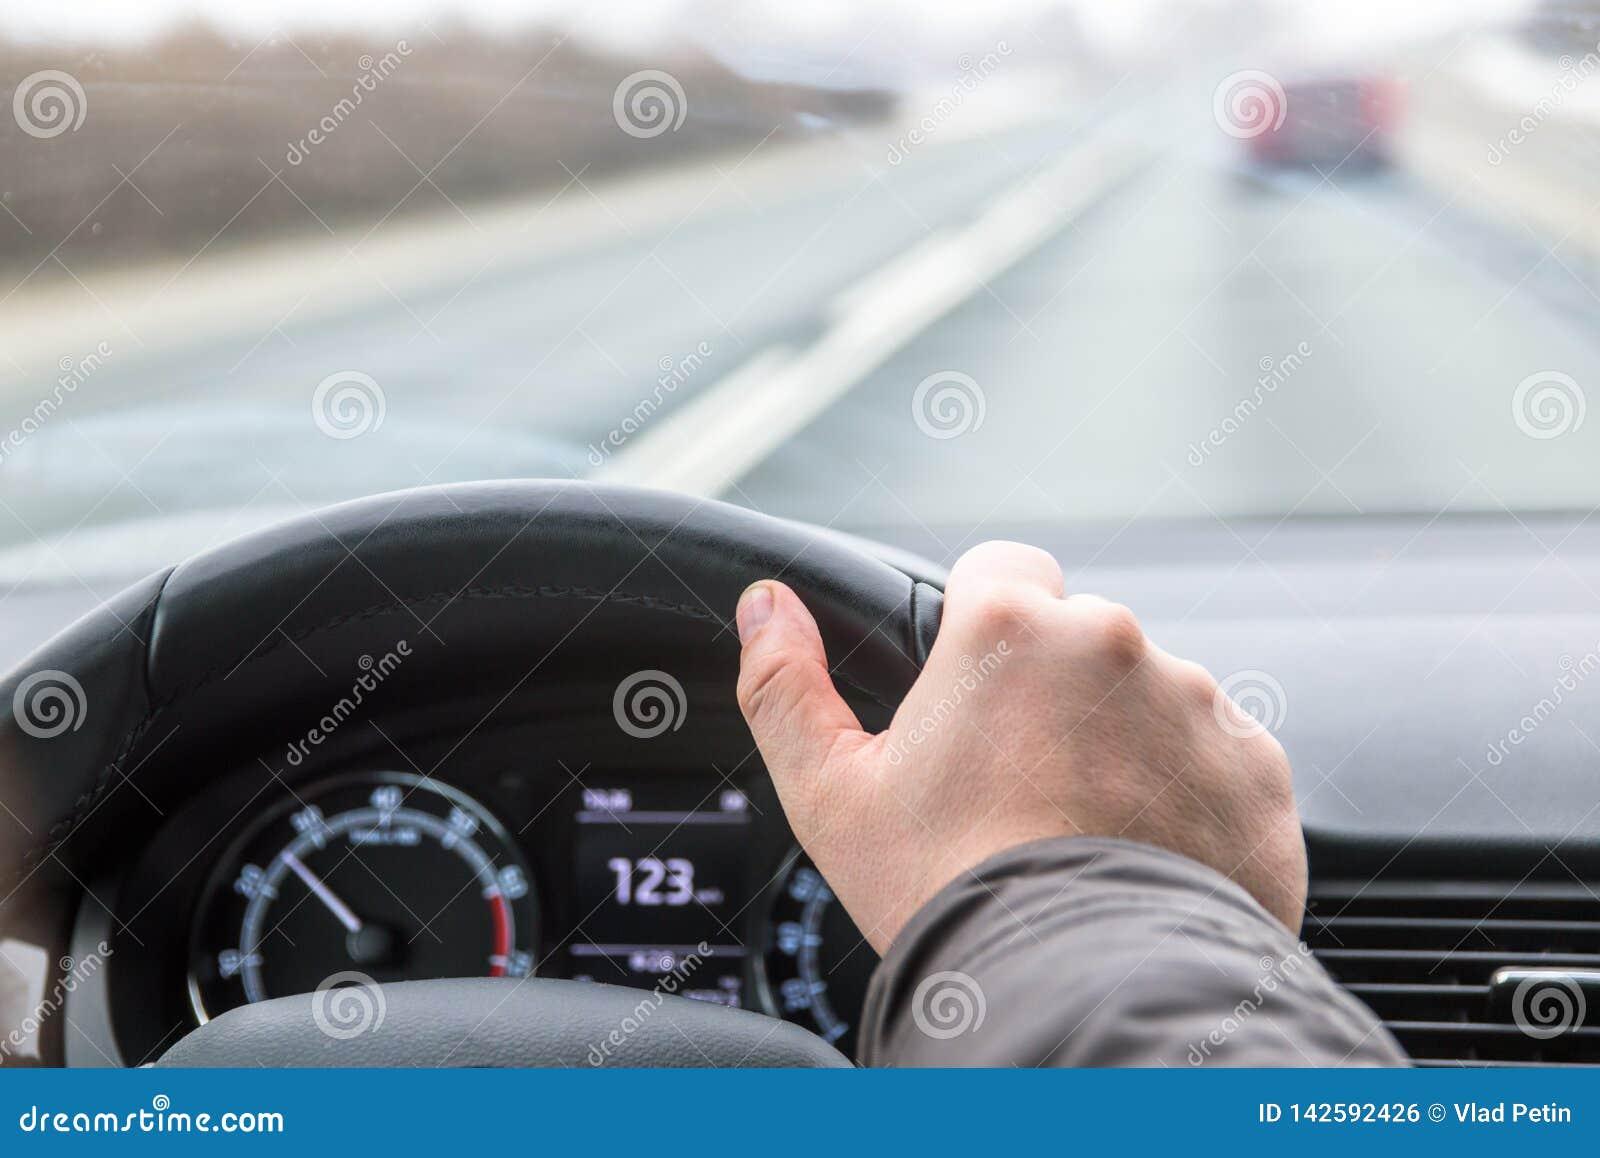 Fahren des Autos über Geschwindigkeit